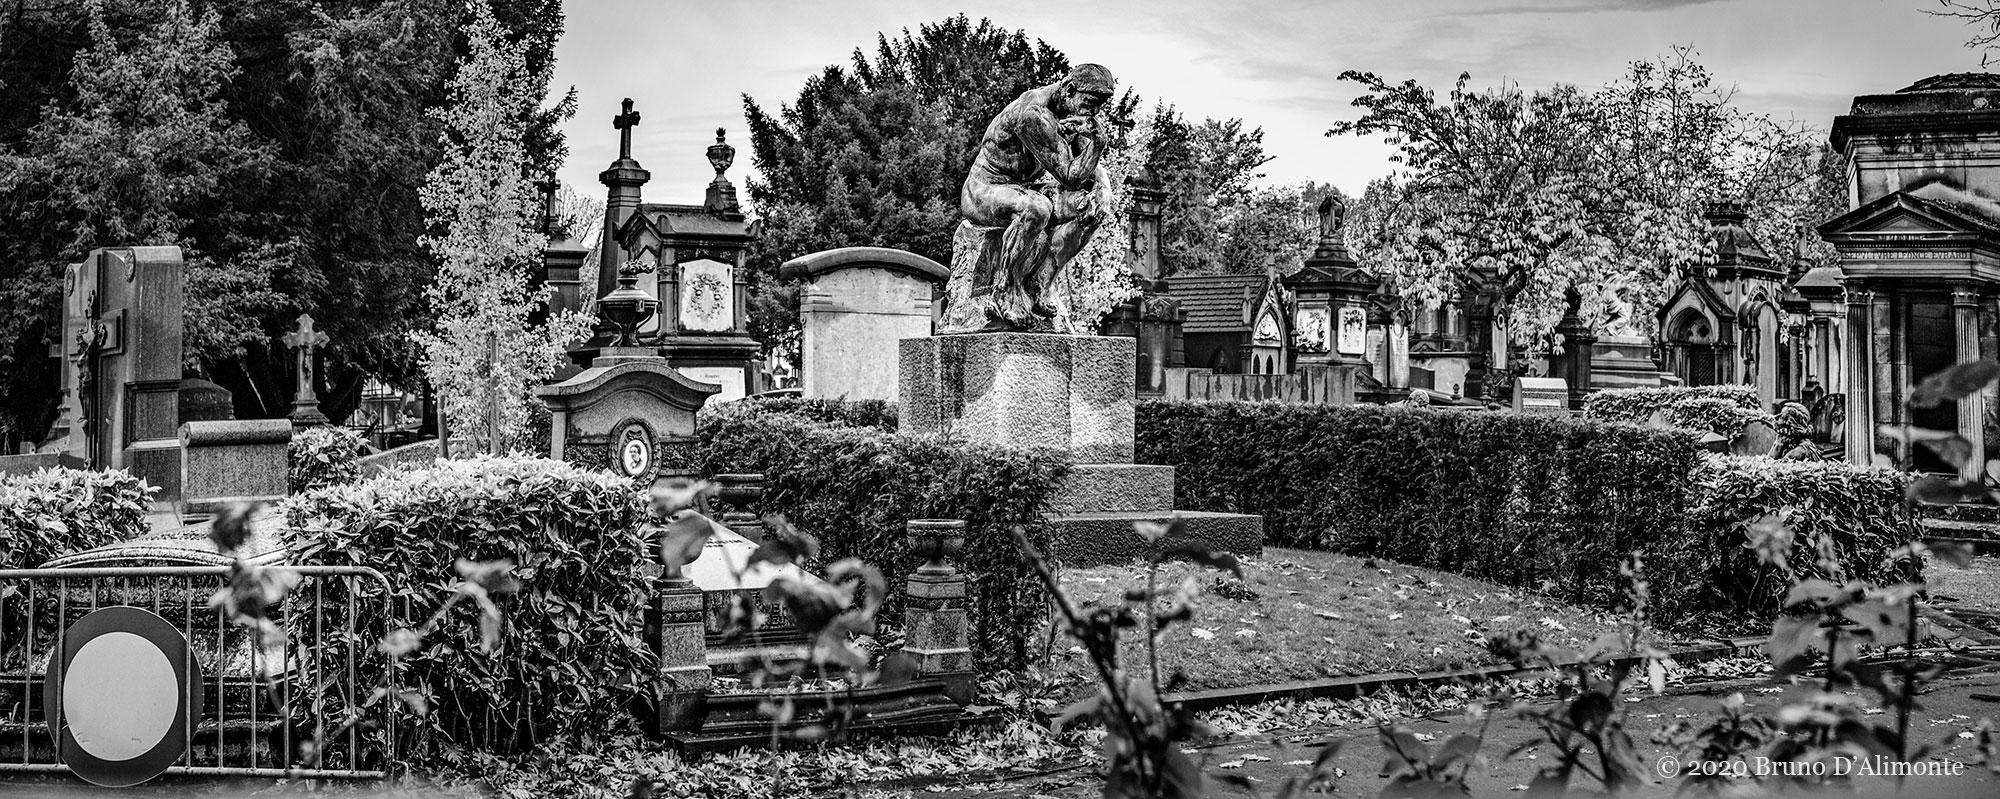 Statue du penseur de Rodin au mileu du cimetière de Laeken par Bruno D'Alimonte